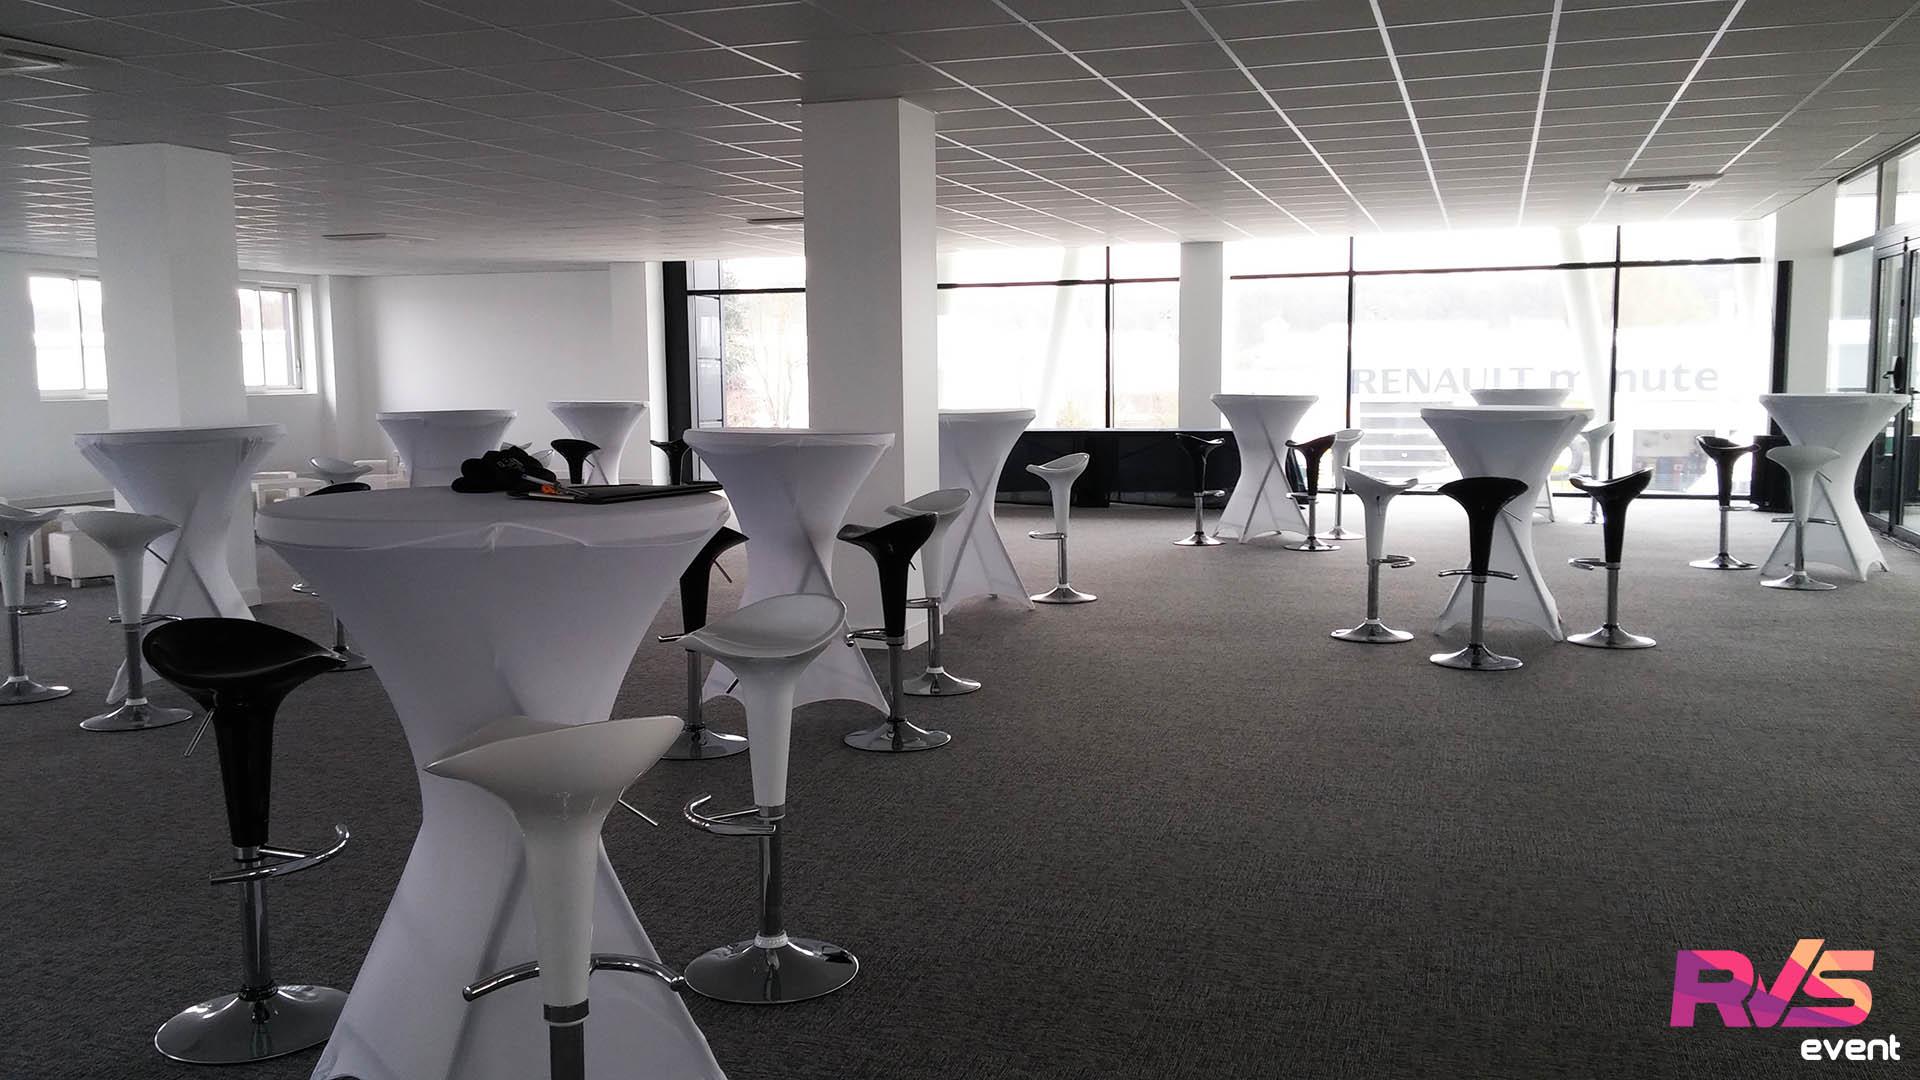 Location de mobilier lounge salon vip inauguration st maximin for Mobilier pour salon